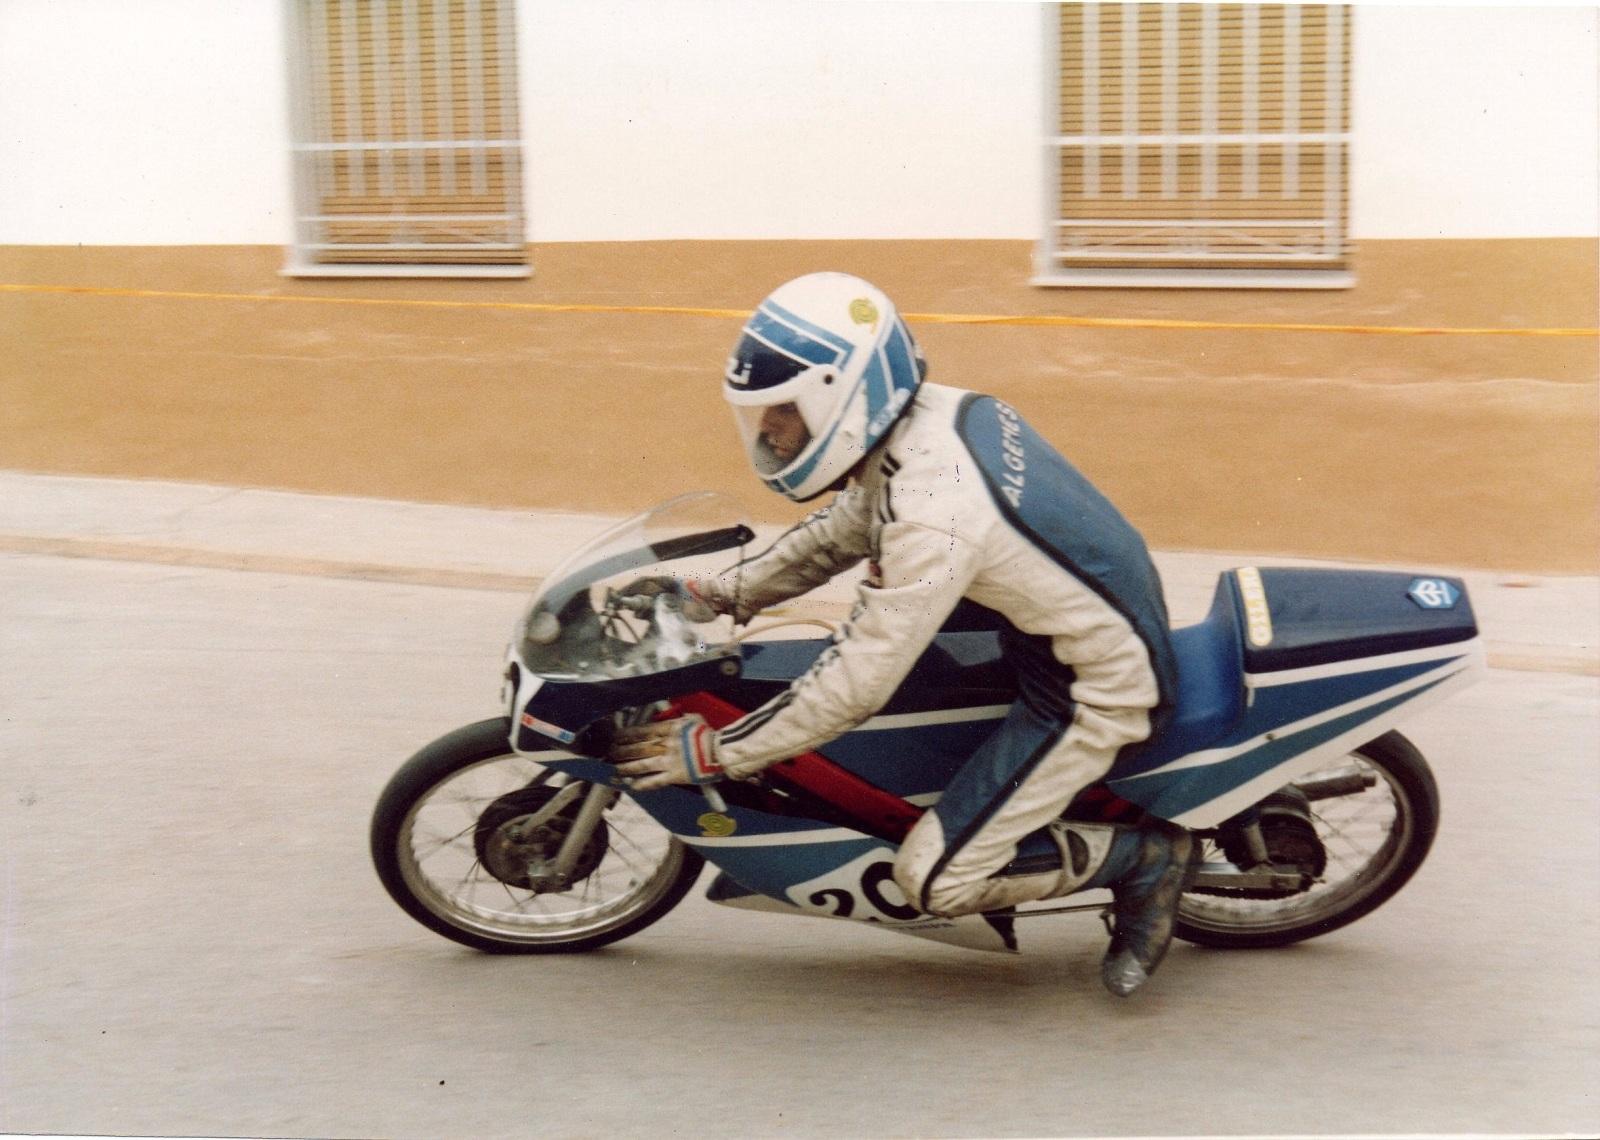 Antiguos pilotos: José Luis Gallego (V) Rr2lvl